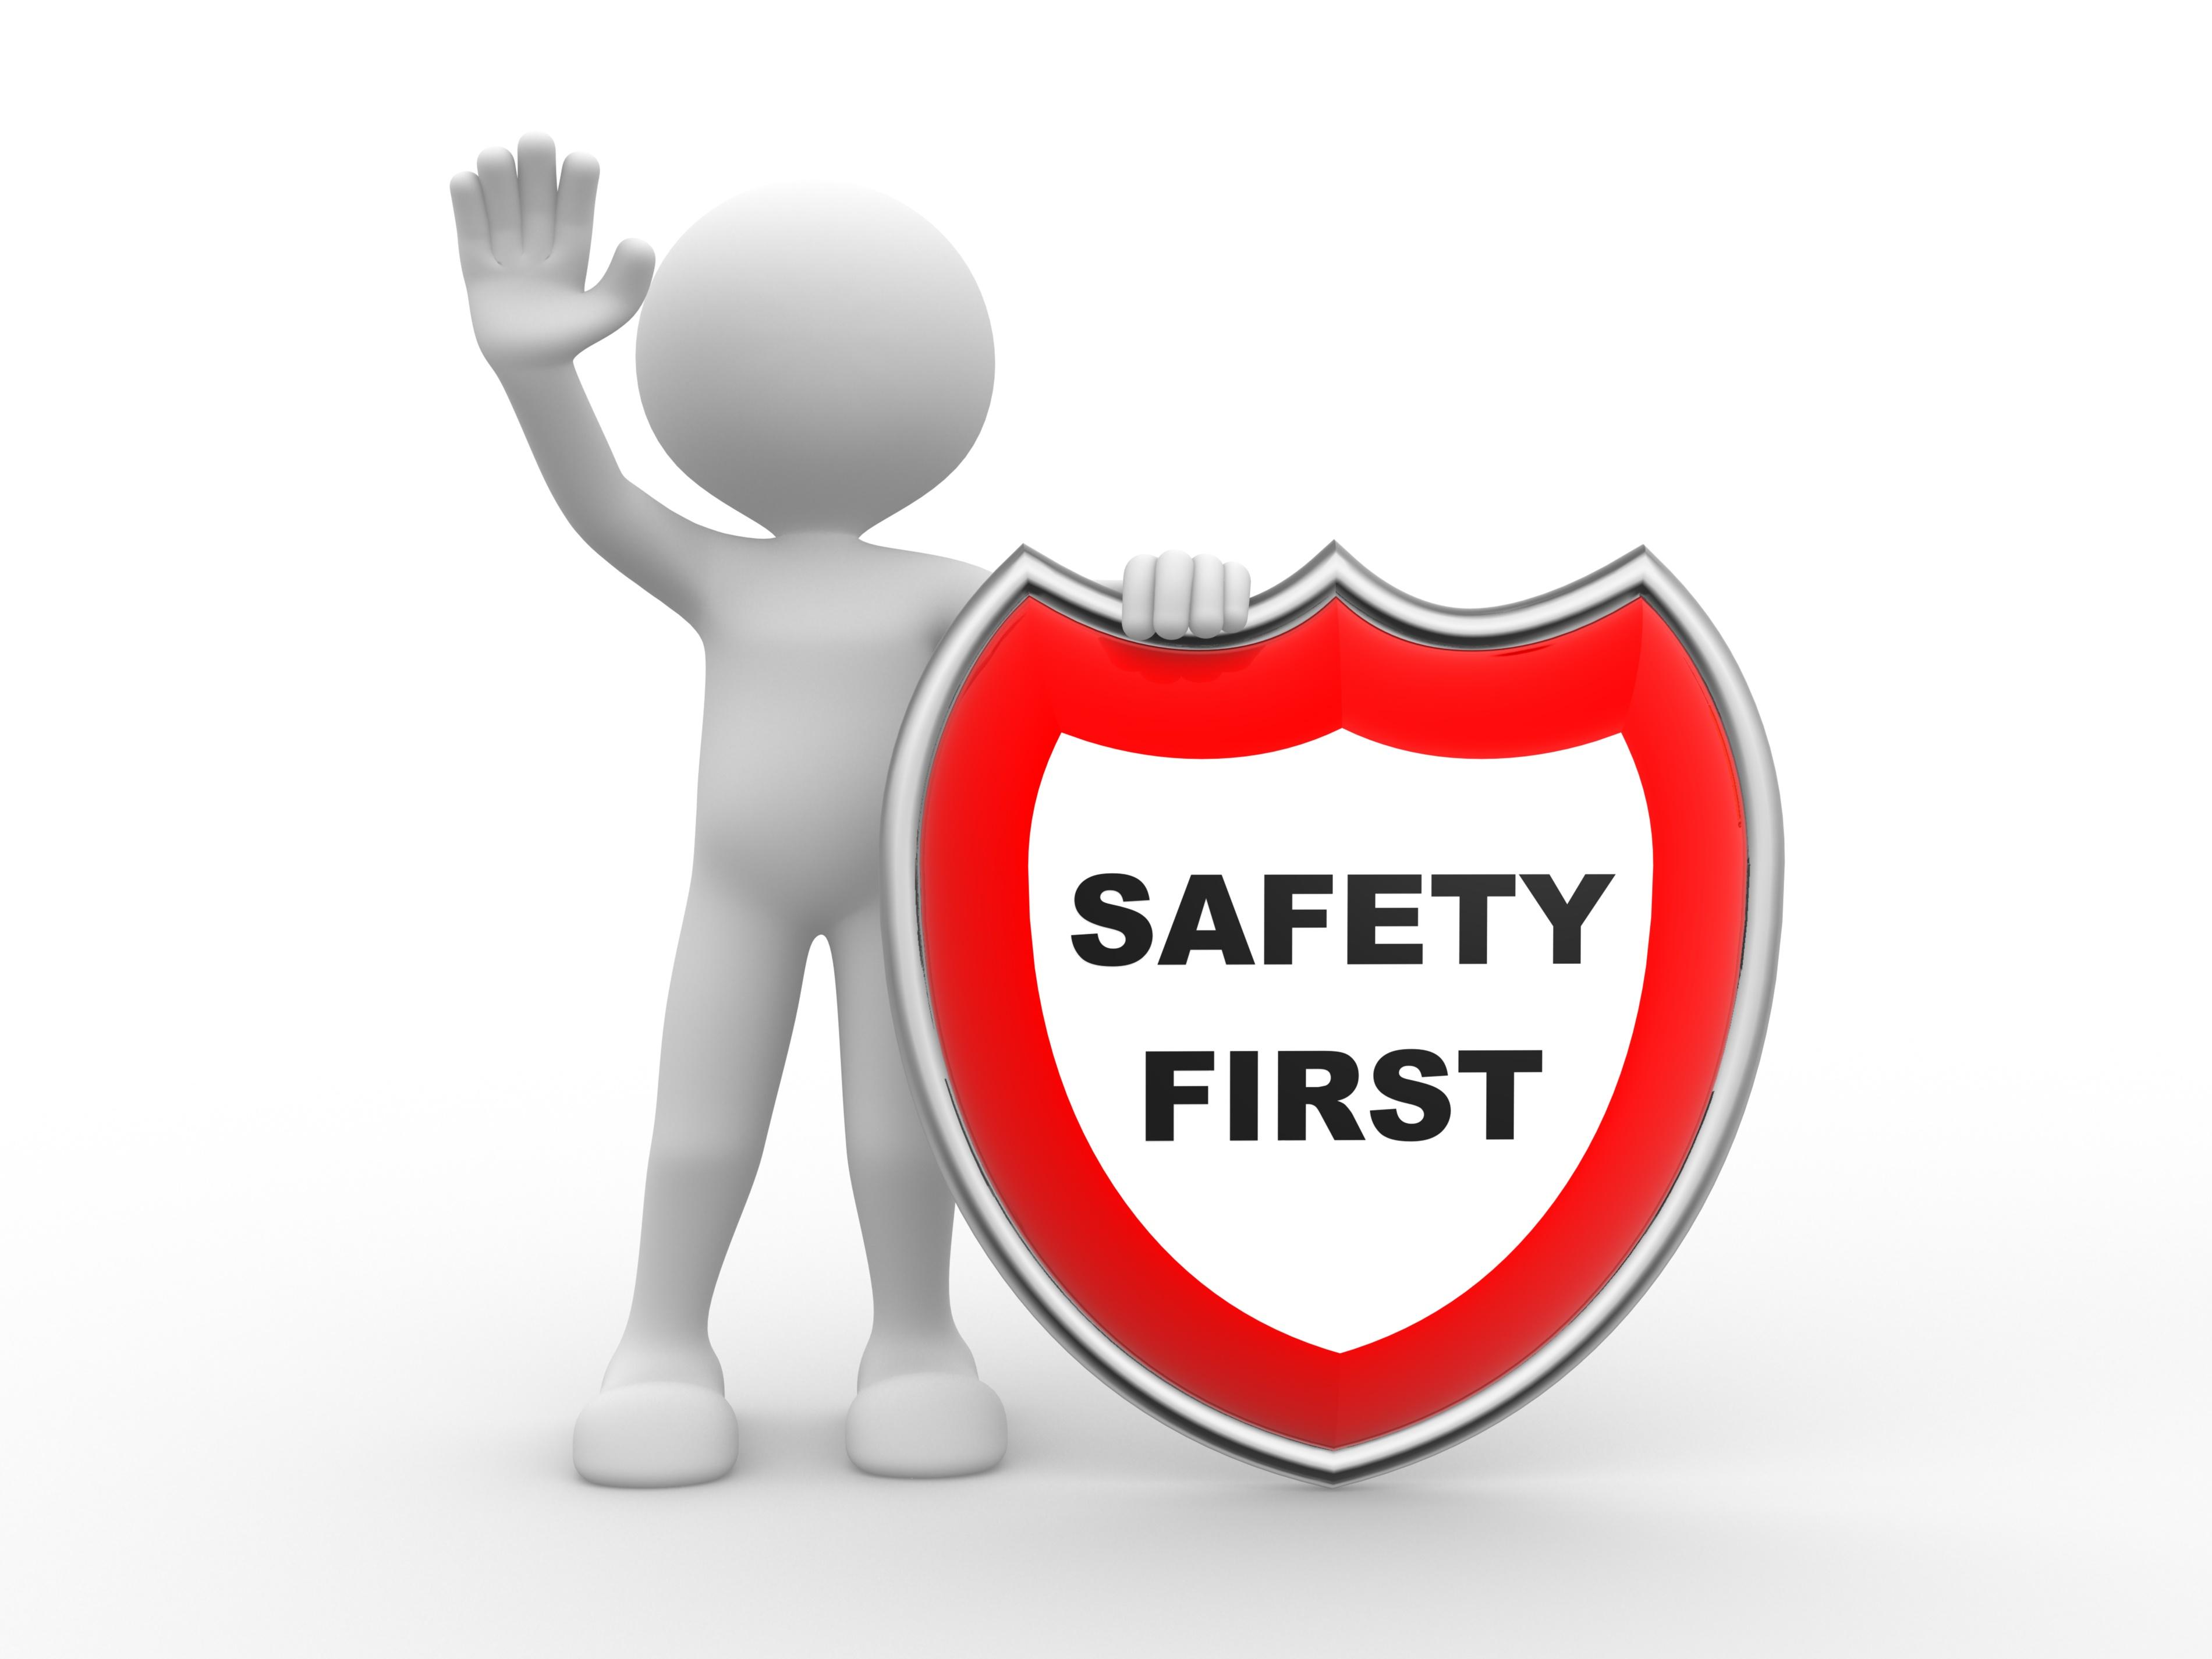 Safety_firs_ukko.jpg